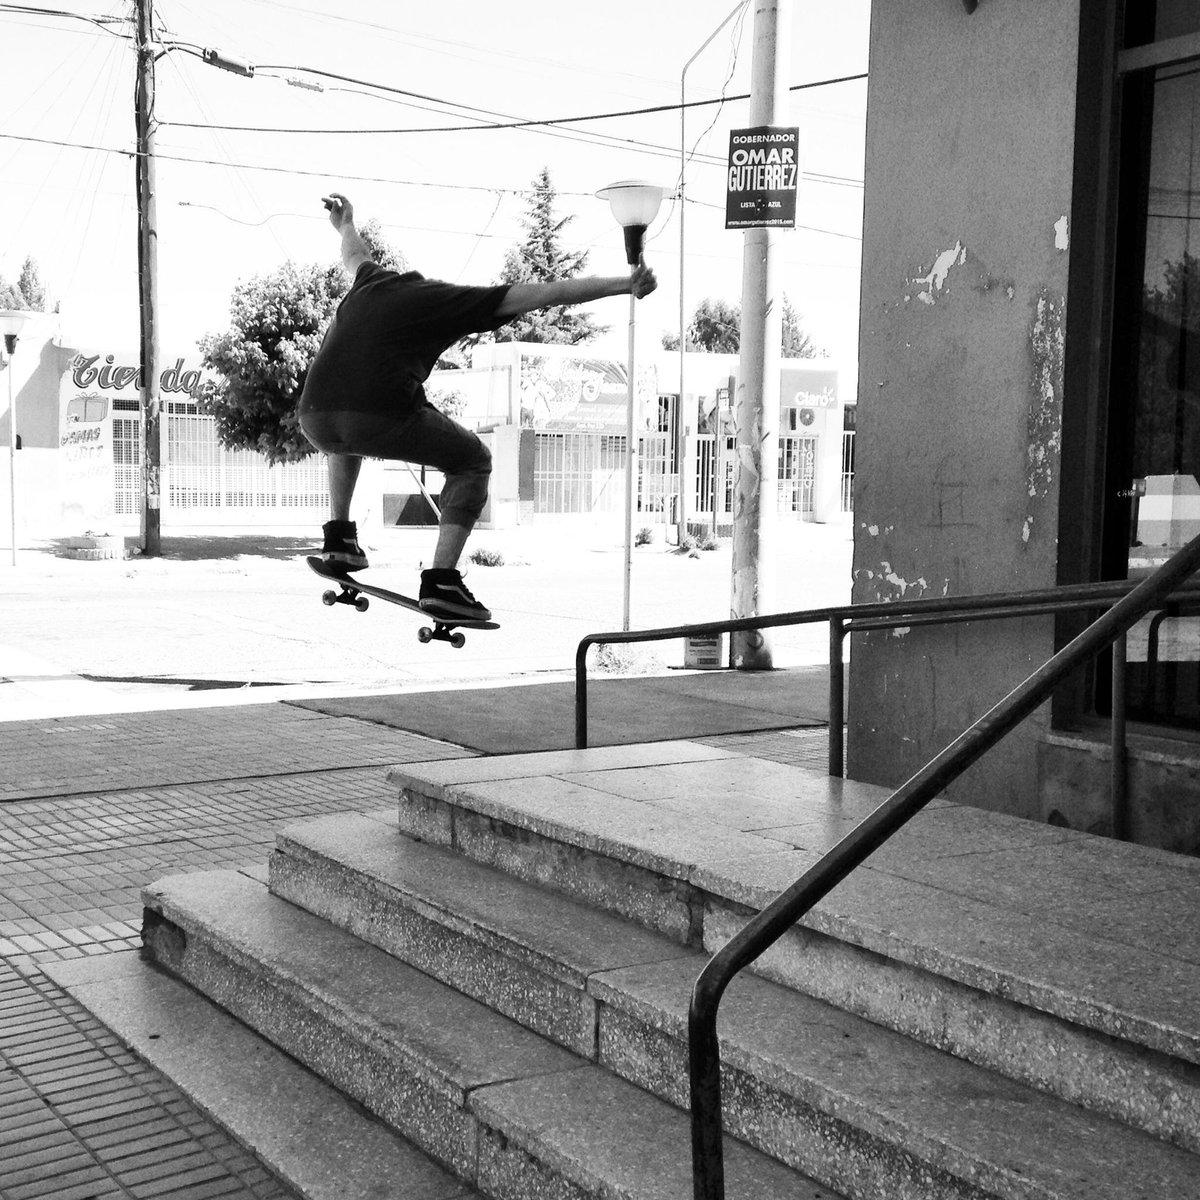 Movete y hace de la calle tu lugar como el skater Toto Long #LevisSkateboarding #LiveInLevis #LiveInLevisAR http://t.co/dgx49Agio1